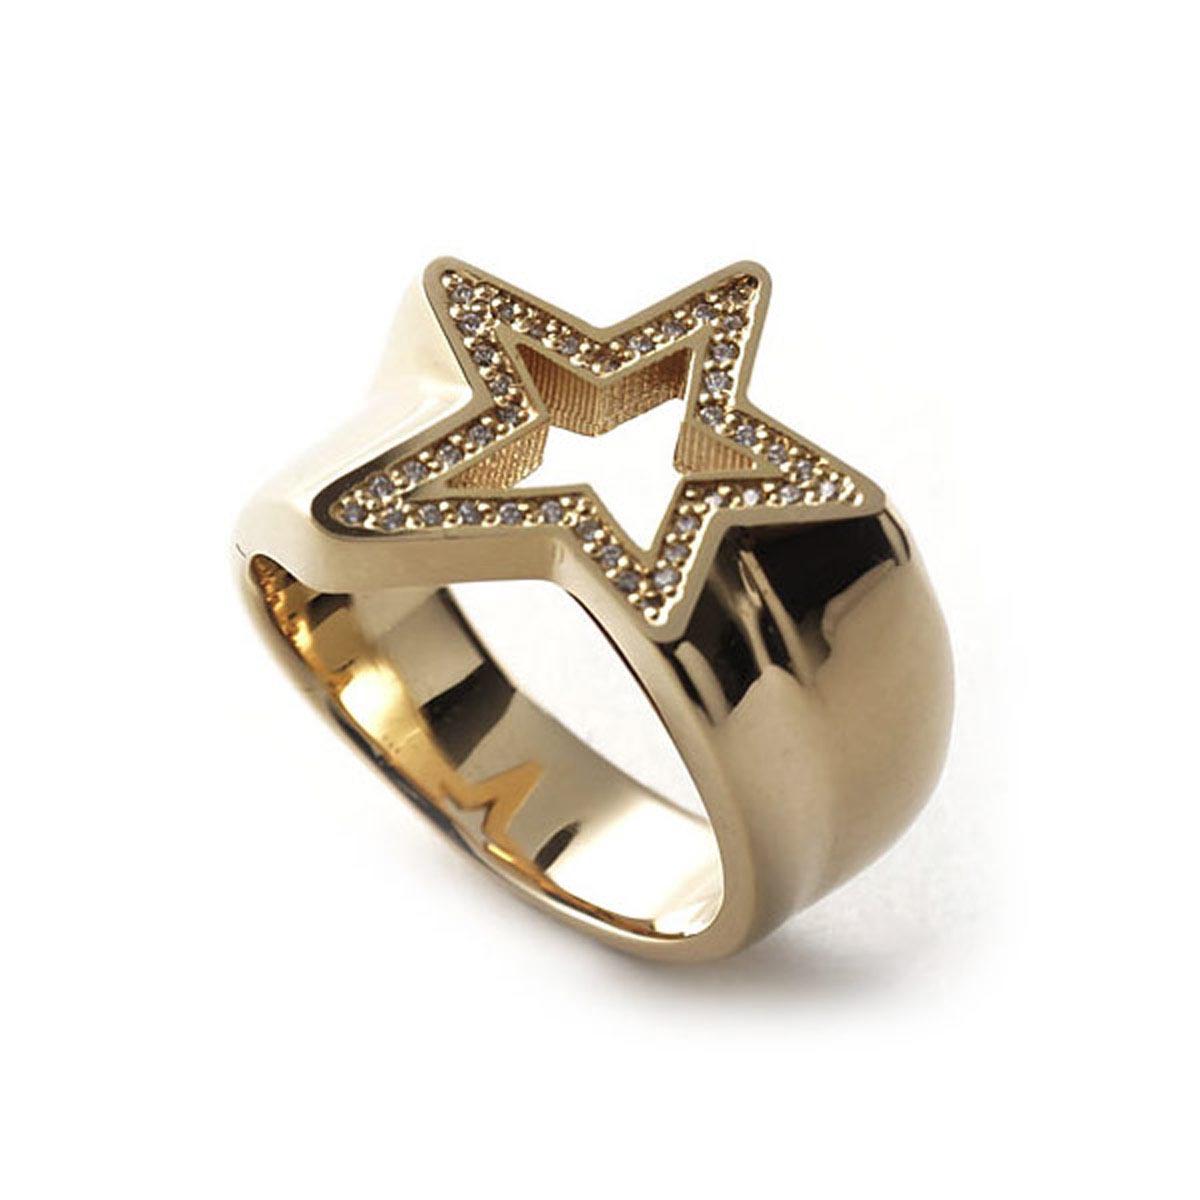 ガーデル GARDEL リング 指輪 メンズ レディース アクセサリー ジュエリー ギフト プレゼント VIVID STAR【返品交換不可】【ラッピング無料】【190116】